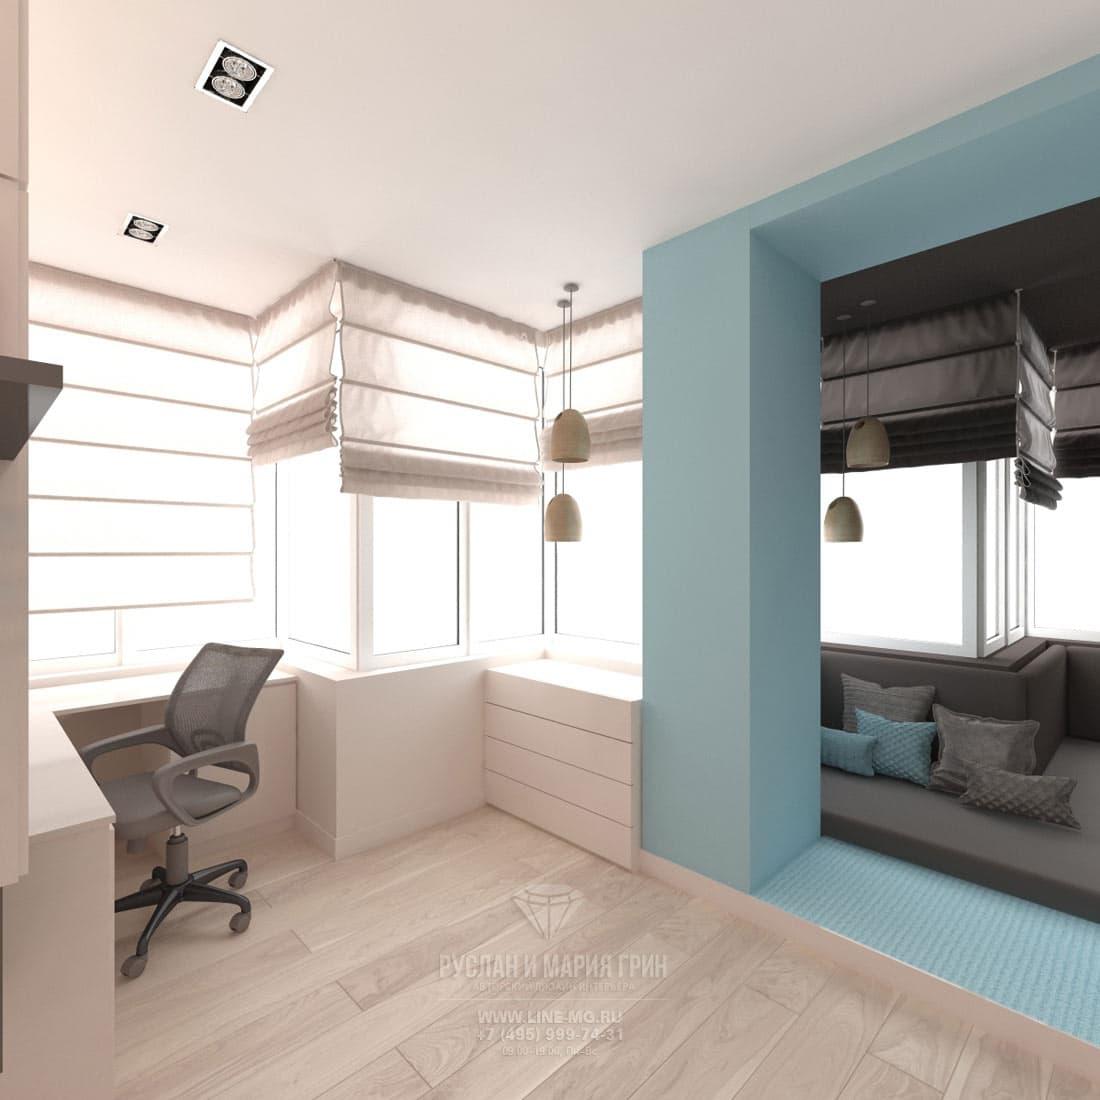 Дизайн красивой квартиры. Фото интерьера кабинета в современном стиле